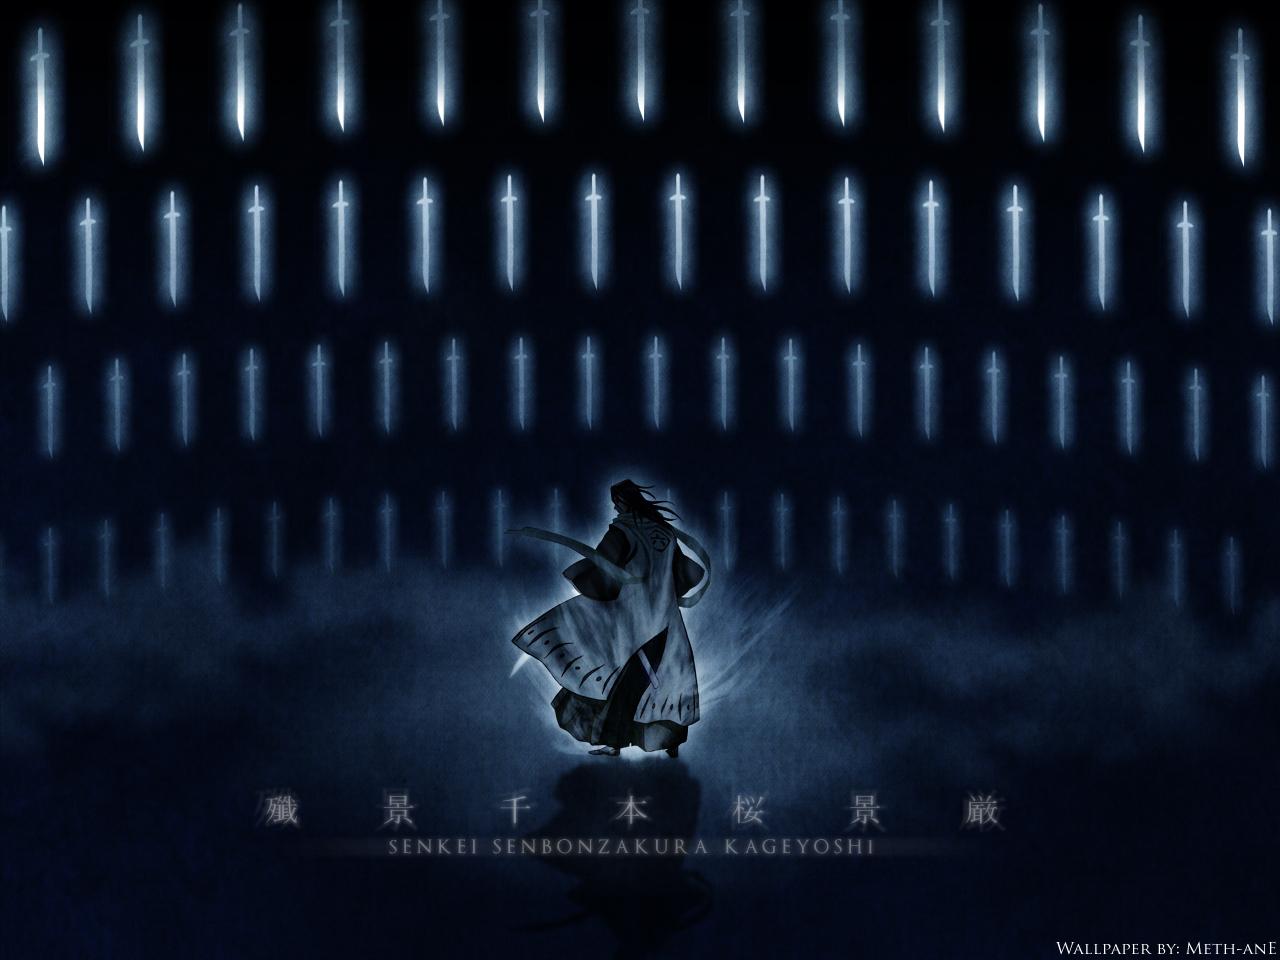 http://4.bp.blogspot.com/-kJroFakL4XY/TlOMf68S7FI/AAAAAAAAA9w/3nQDETiGFek/s1600/Bleach_wallpaper_kuchiki_byakuya7.jpg